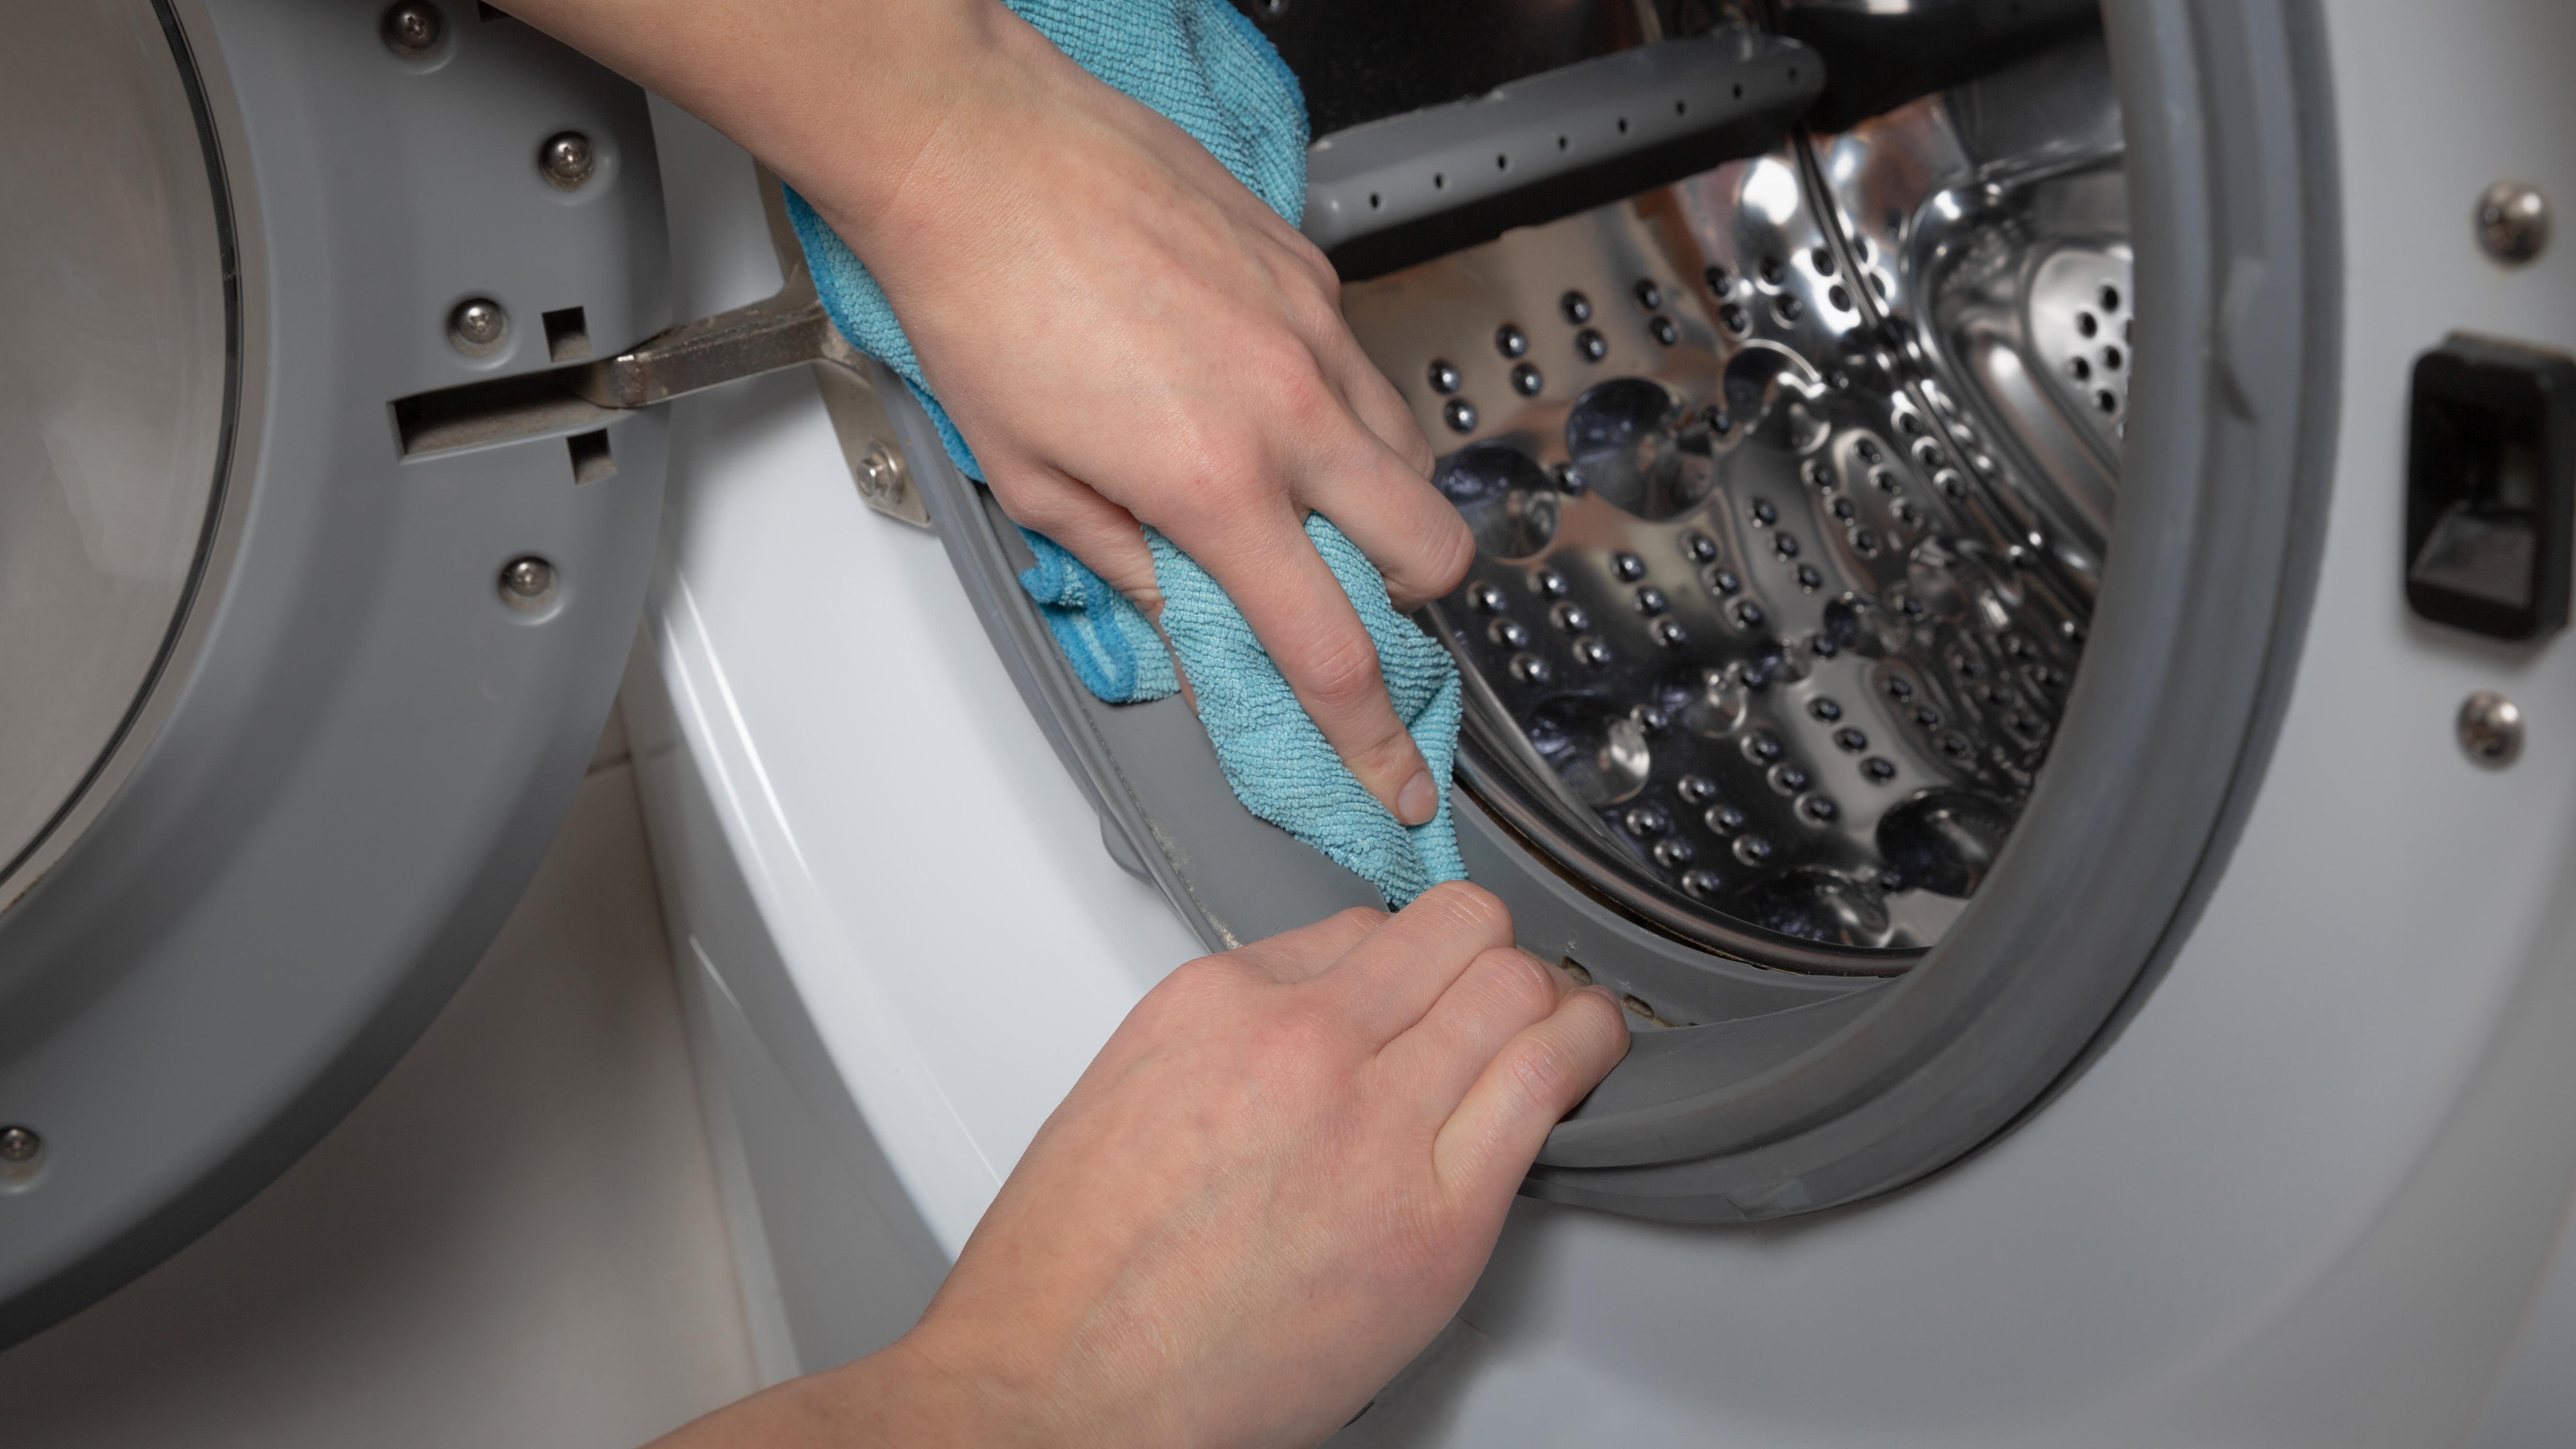 Die Gummidichtung Ihrer Waschmaschine reinigen sie am besten regelmäßig.